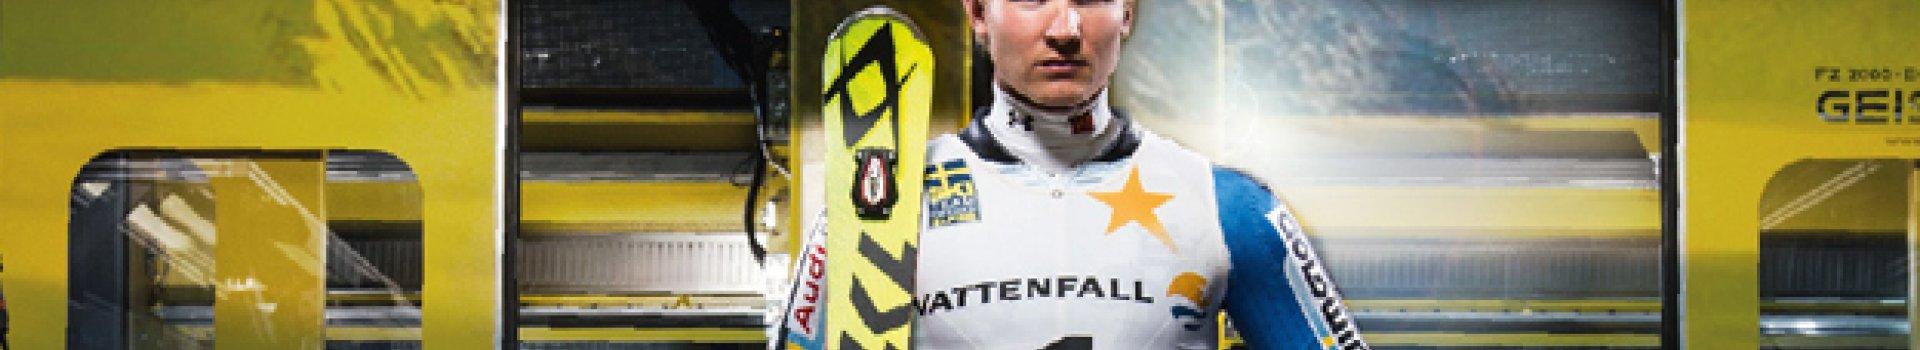 World Ski Test 2015/16 - wyniki! Najlepsze narty z kategorii  RACE SL MAN